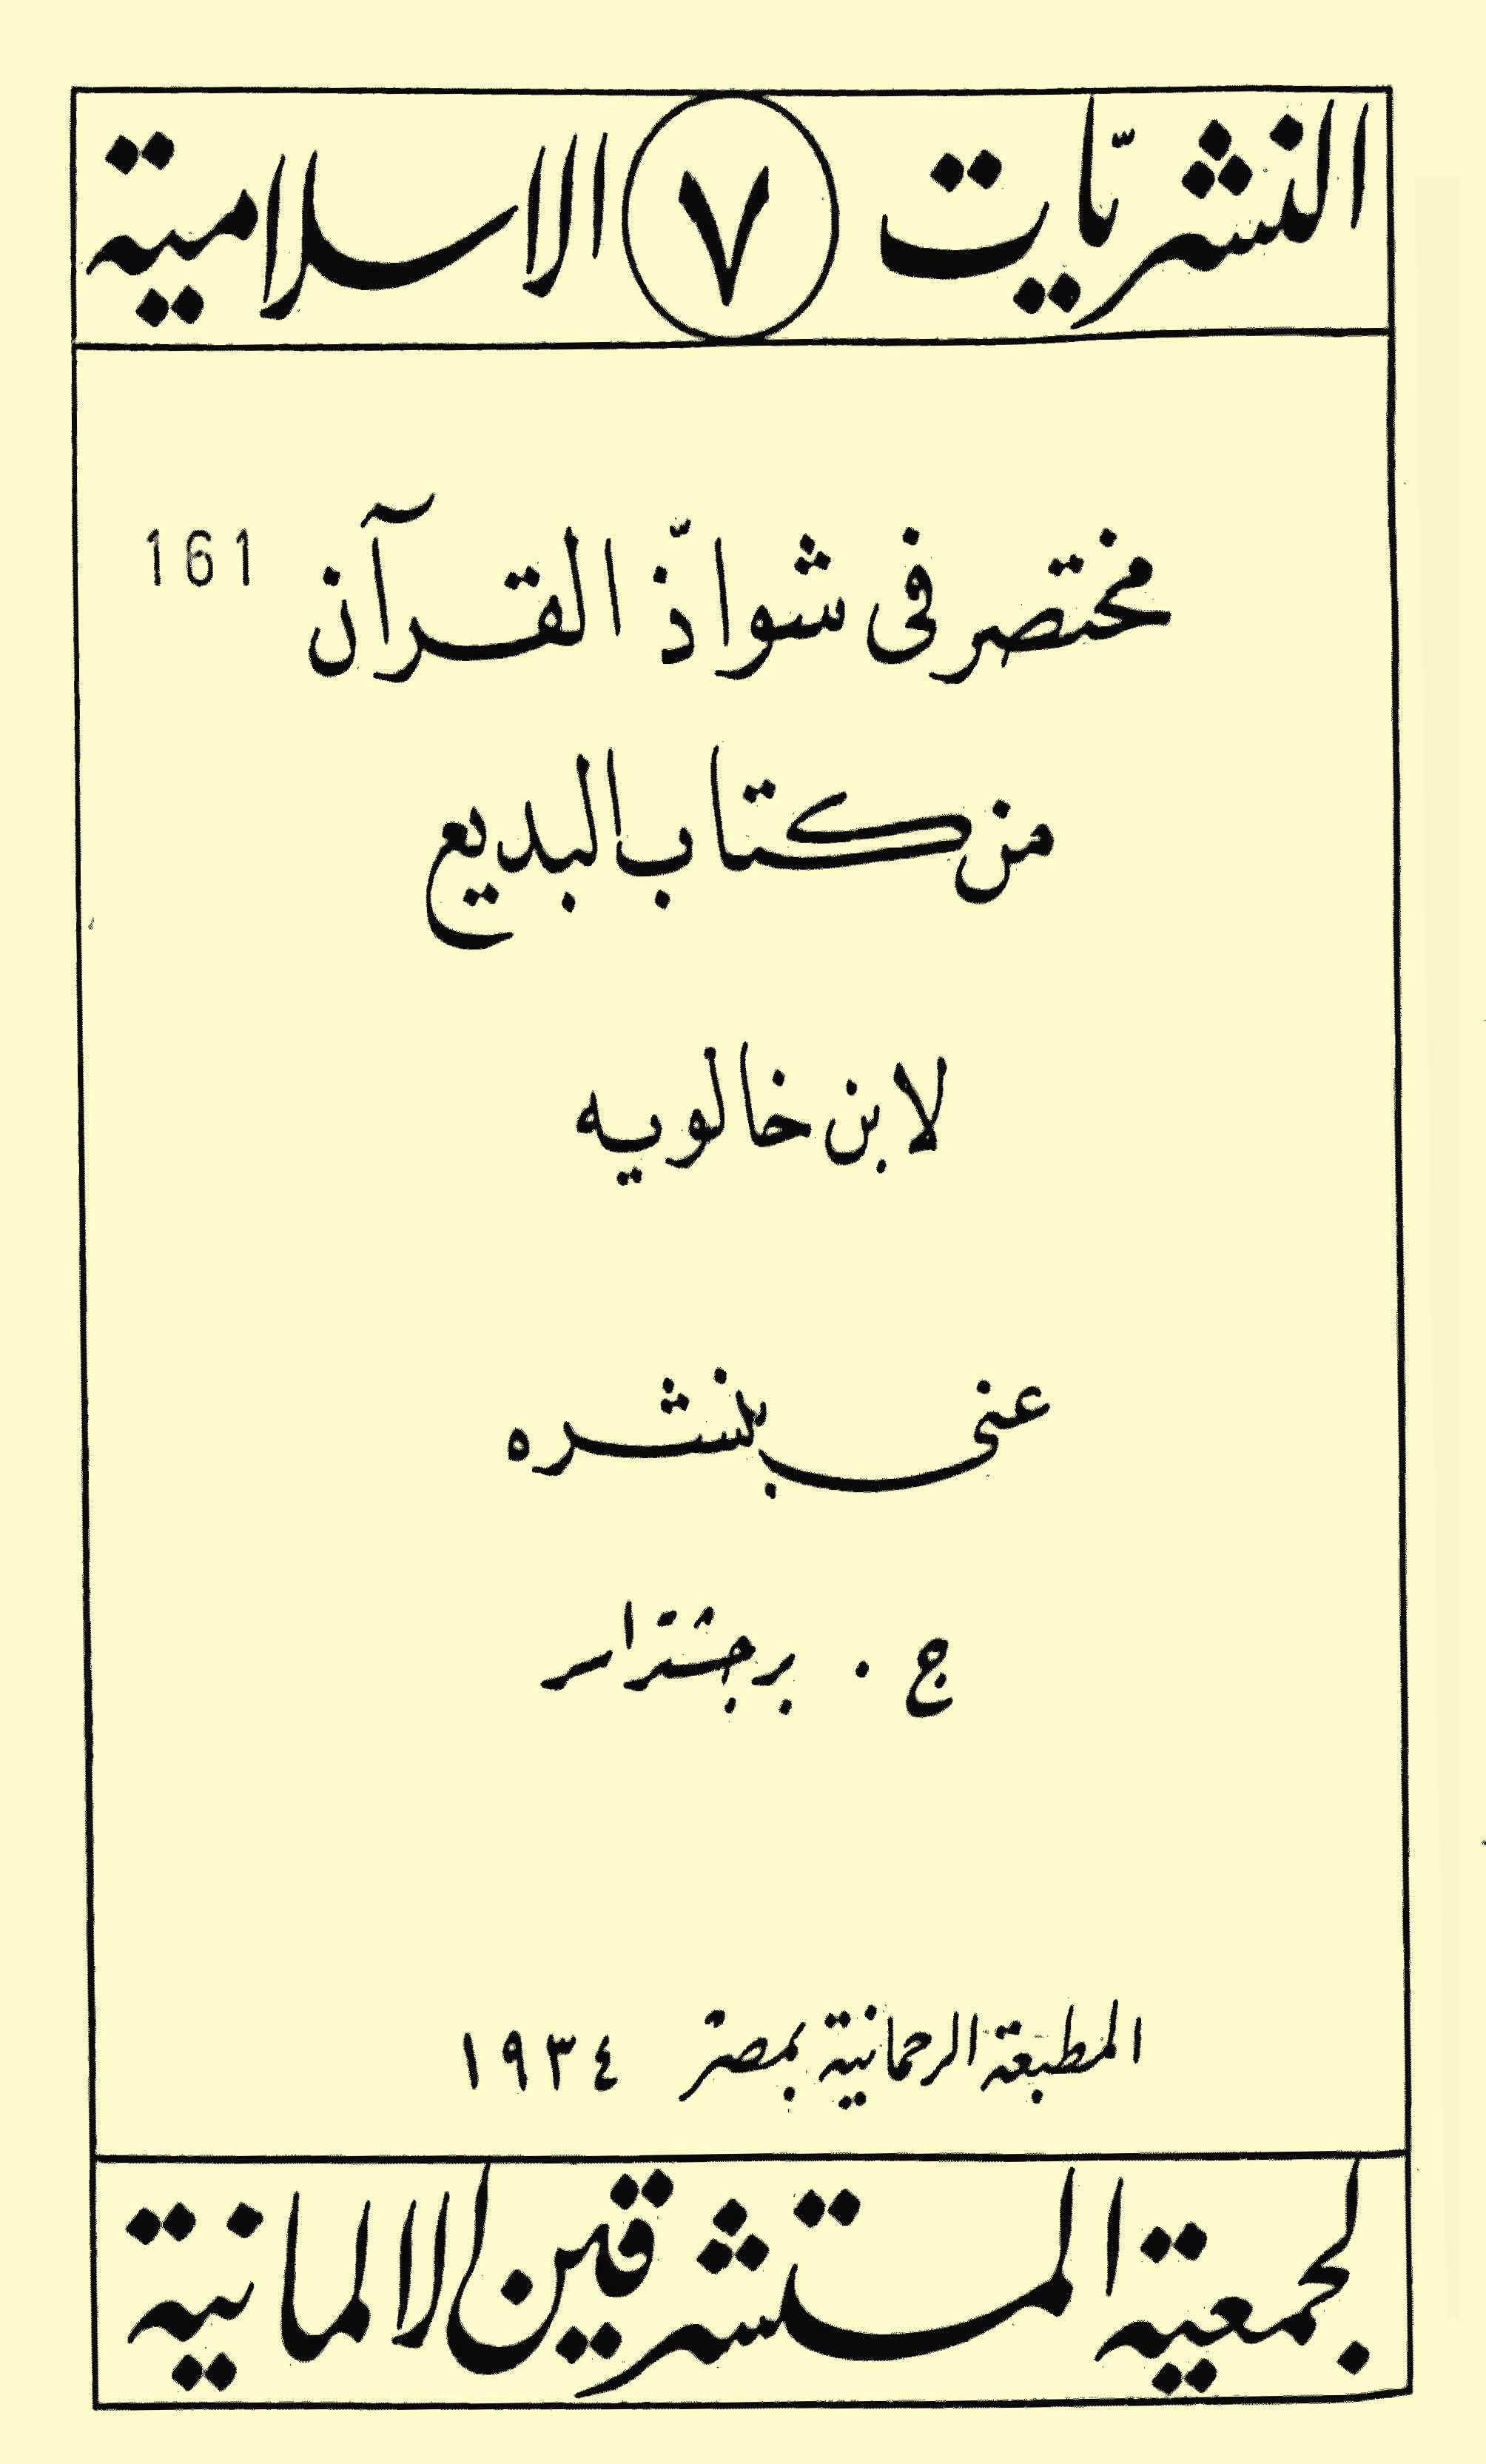 تحميل كتاب مختصر في شواذ القرآن من كتاب البديع (ج. برجشتراسر) لـِ: ابن خالويه